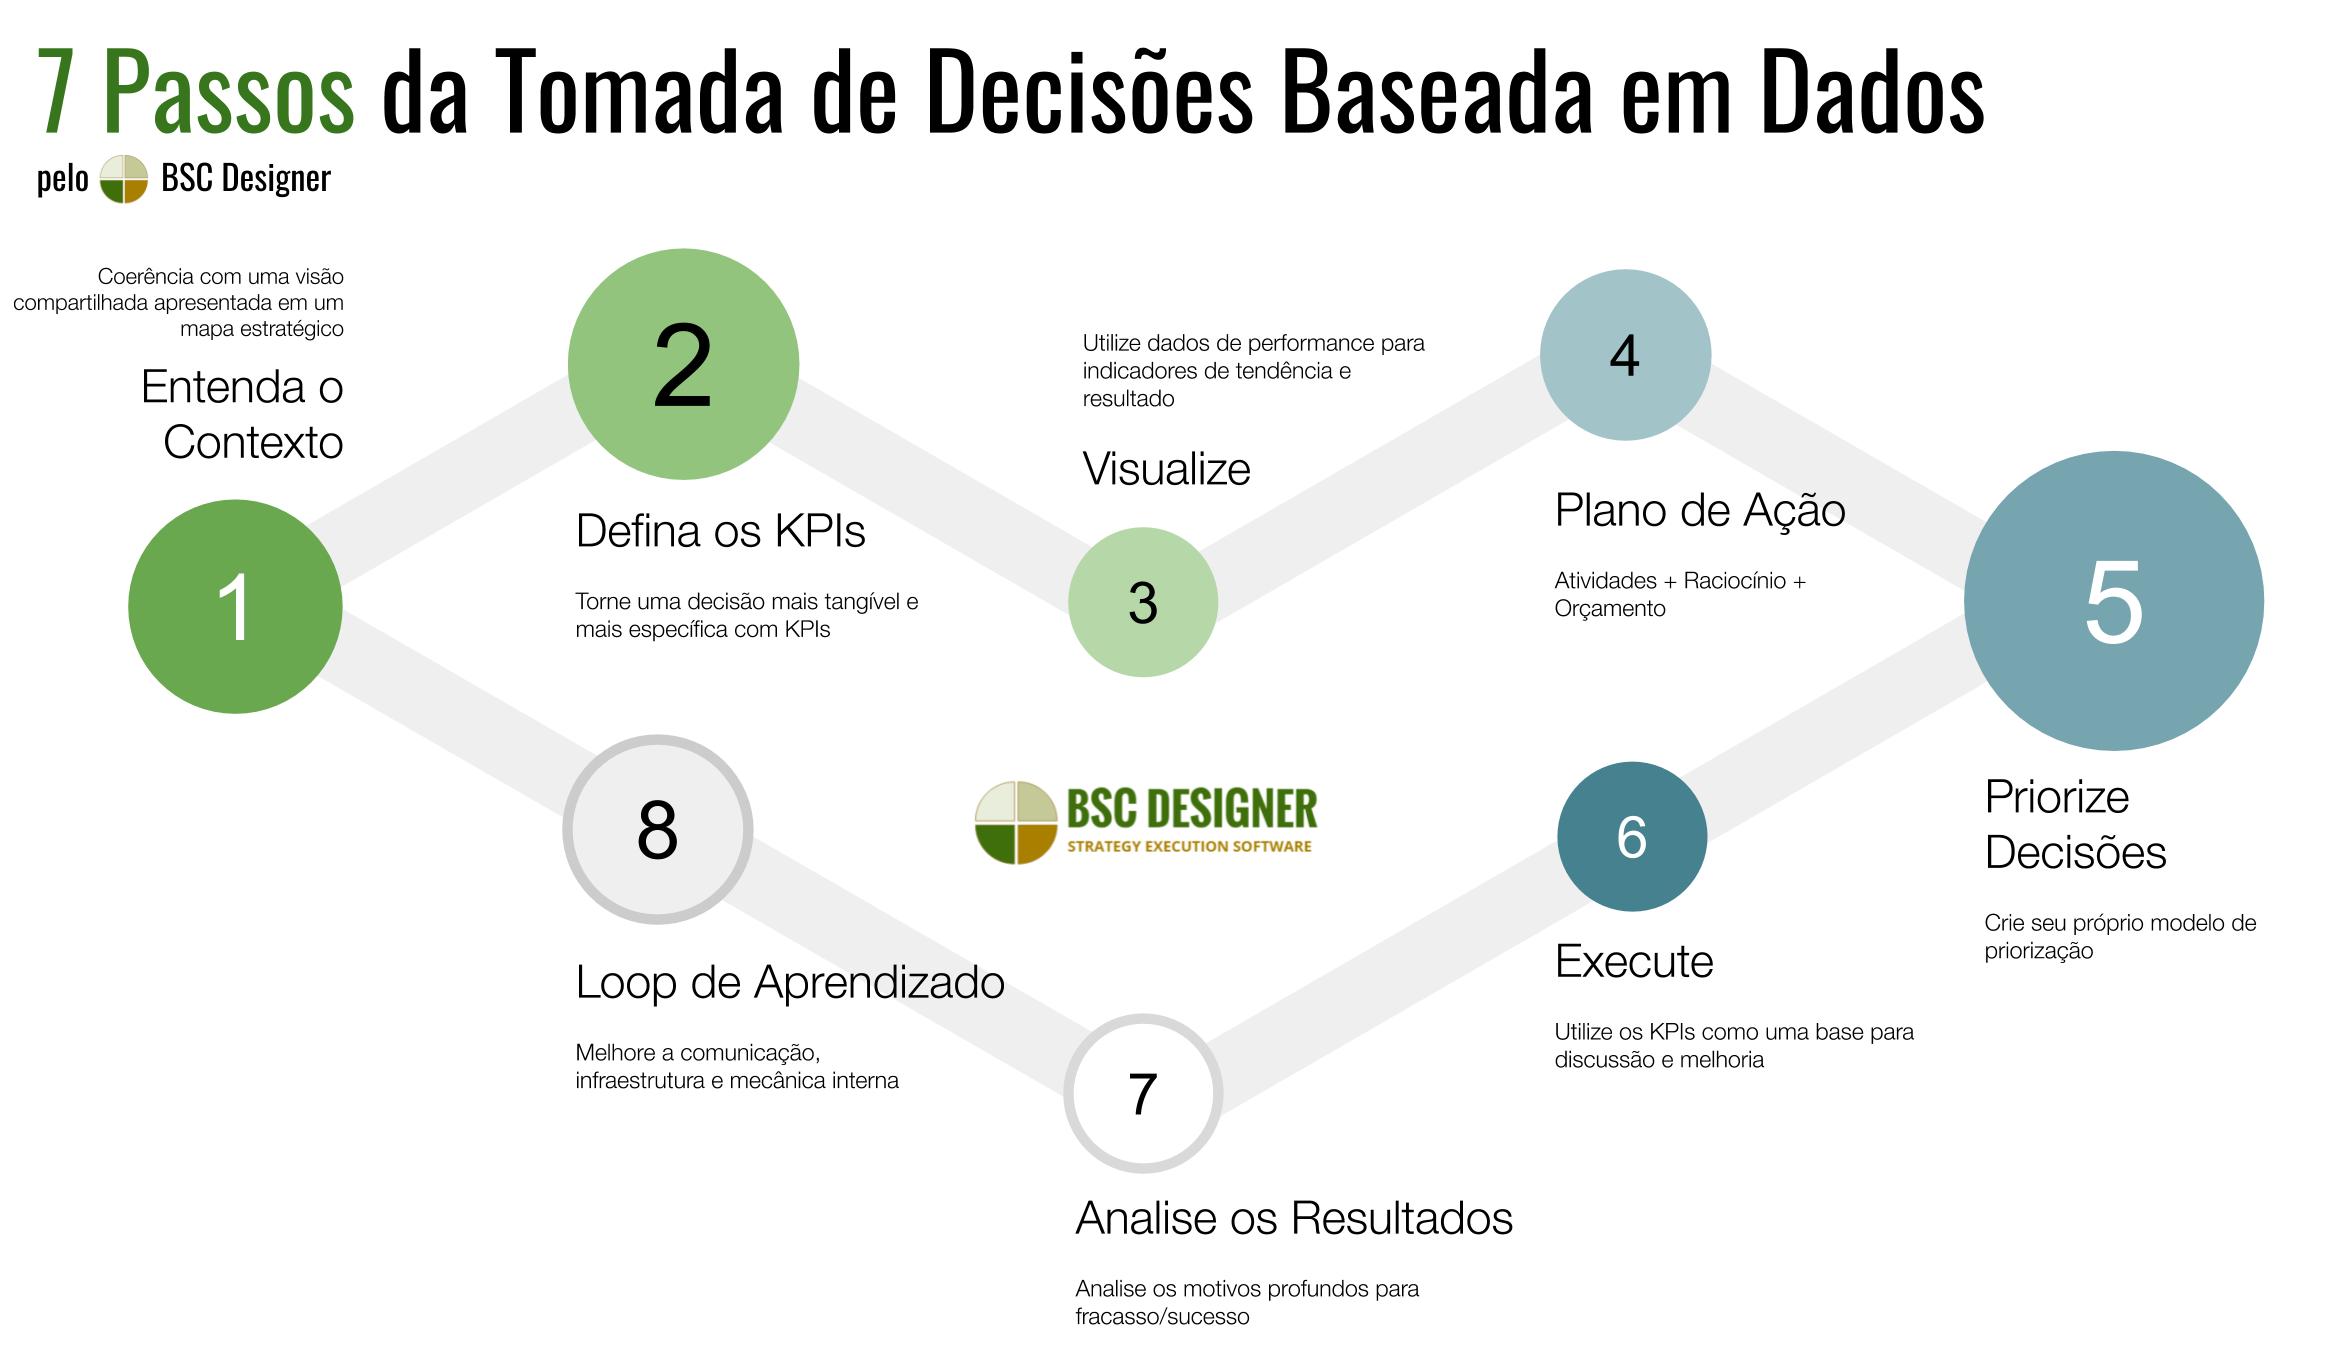 7 Passos da Decisão Baseada em Dados